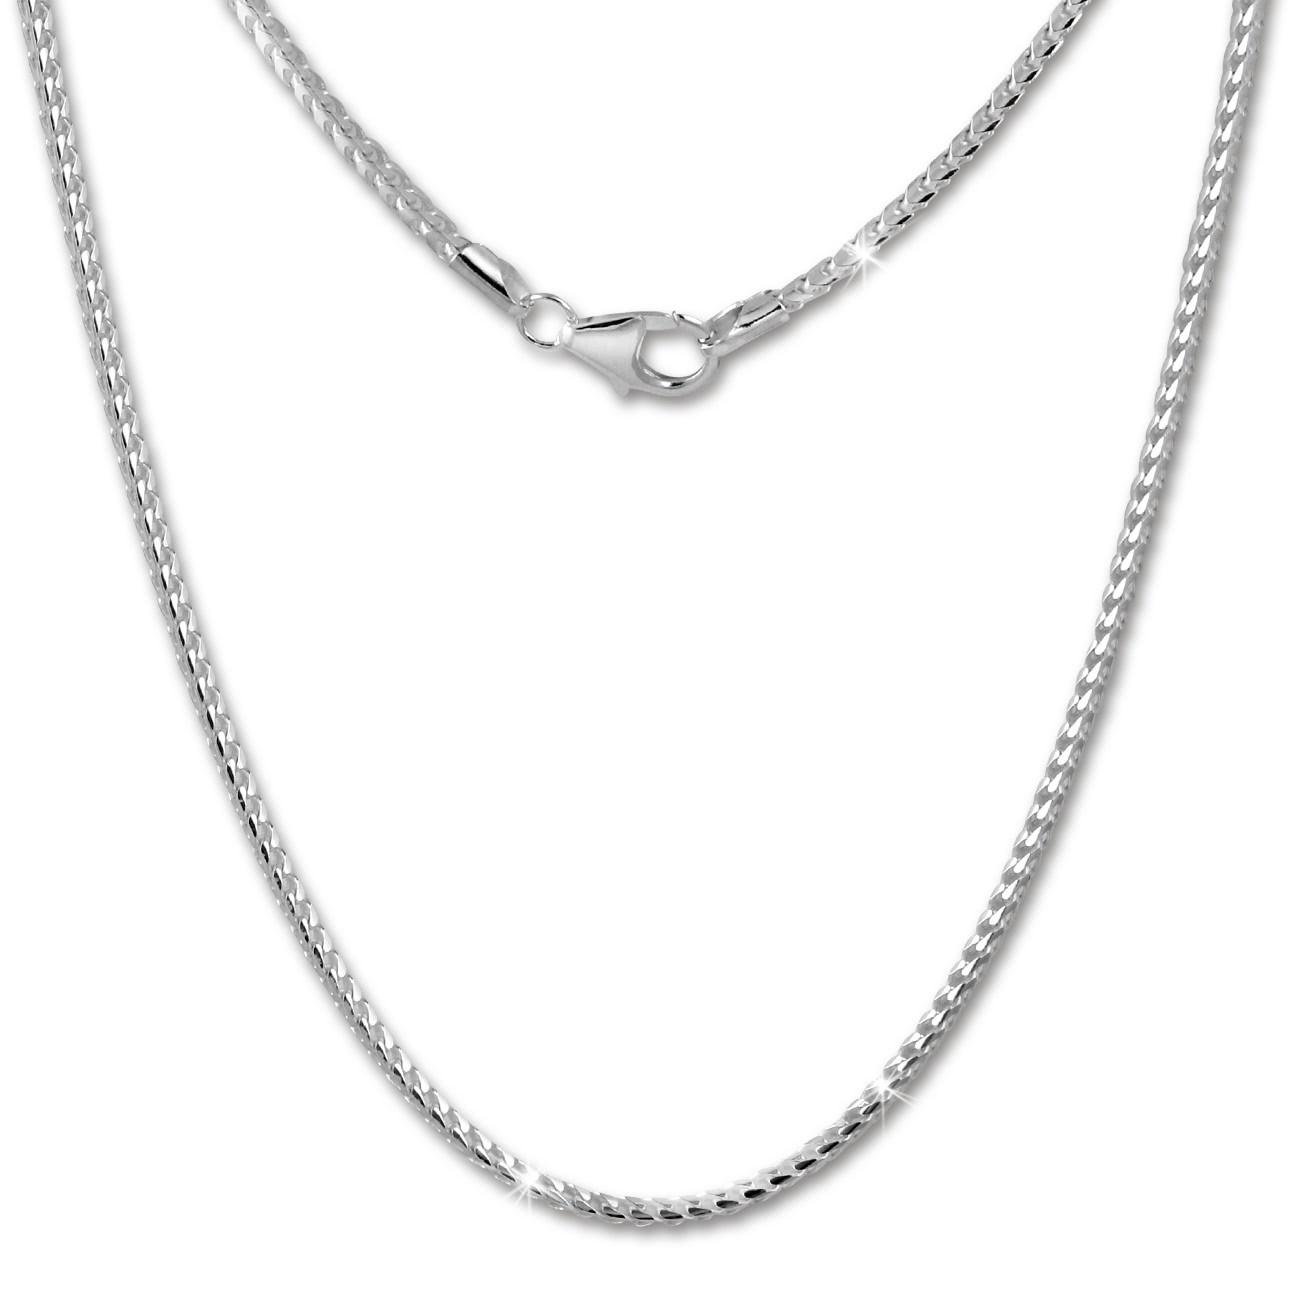 SilberDream Bingokette 925er Silber Halskette 70cm Kette SDK20470